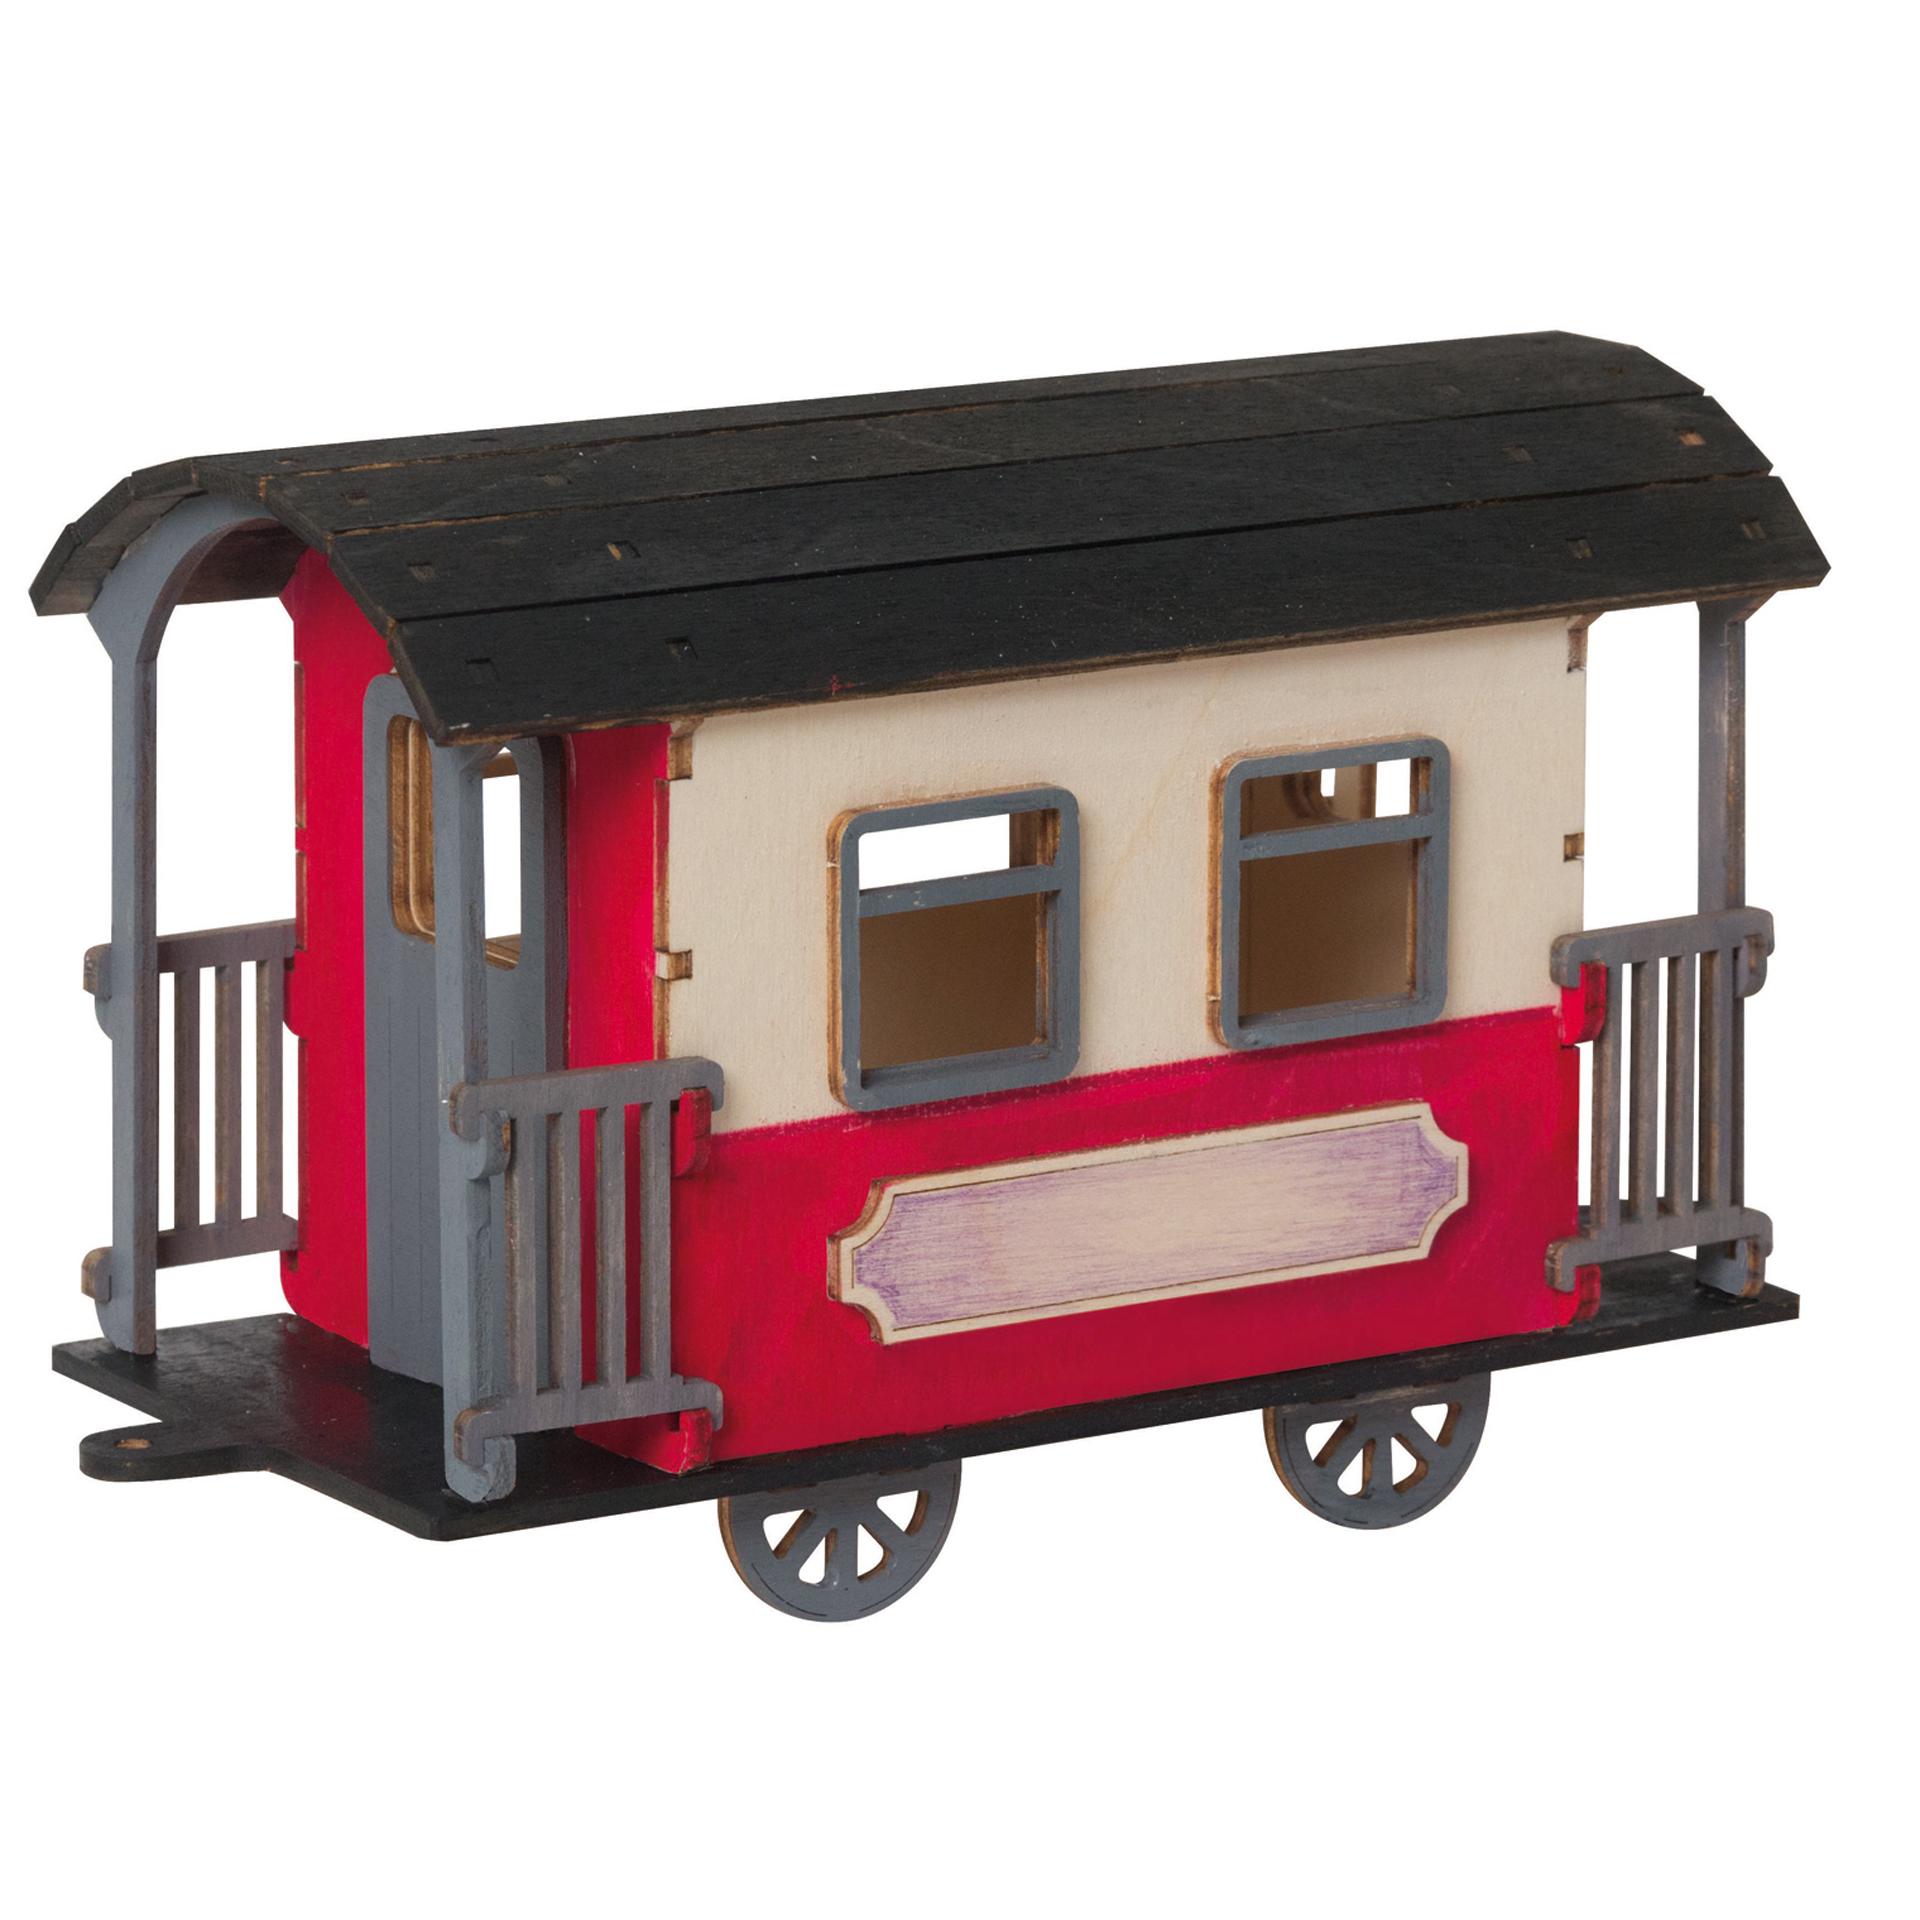 Bastelset Eisenbahnwaggon